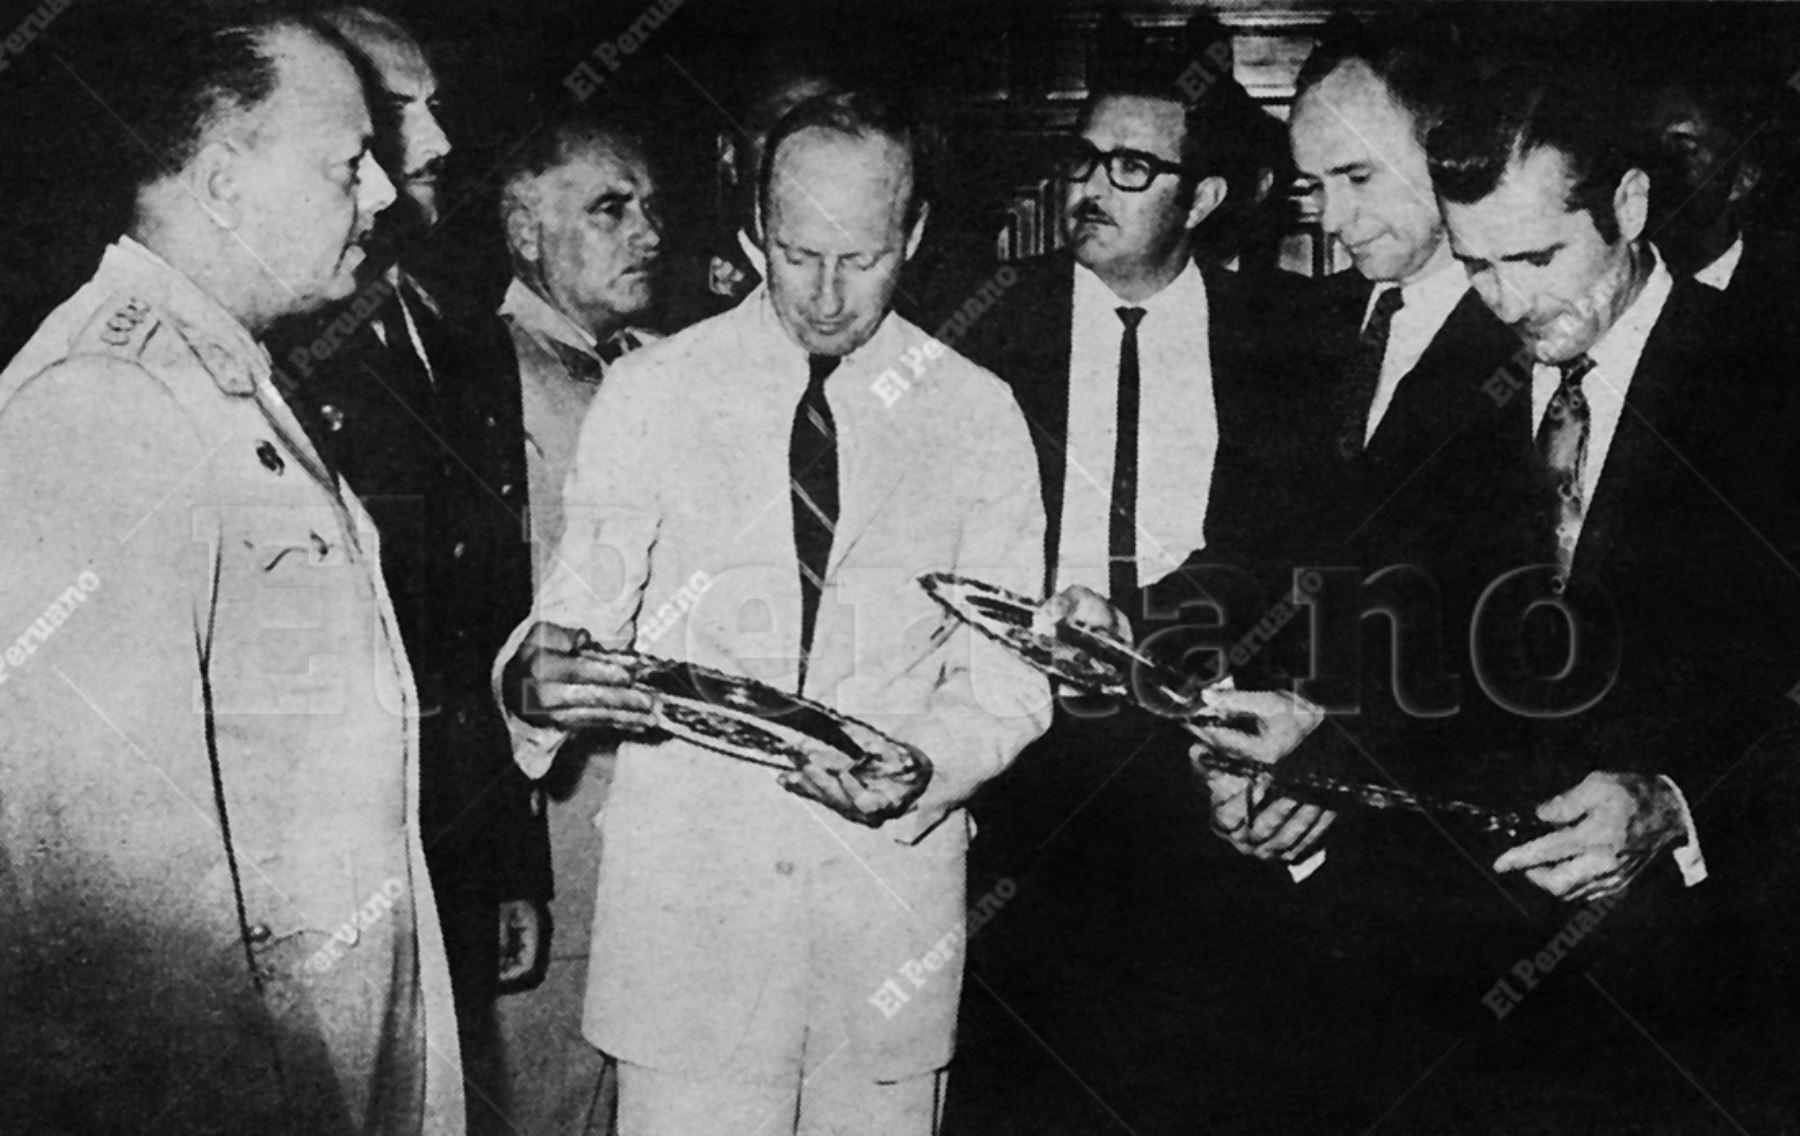 Lima - 17 febrero 1970 / El presidente Juan Velasco Alvarado dio la bienvenida y entregó platos recordatorios de plata con el Escudo Peruano a Charles Conrad, Alan Bean y Richard Gordon, astronautas del Apolo XII. Archivo